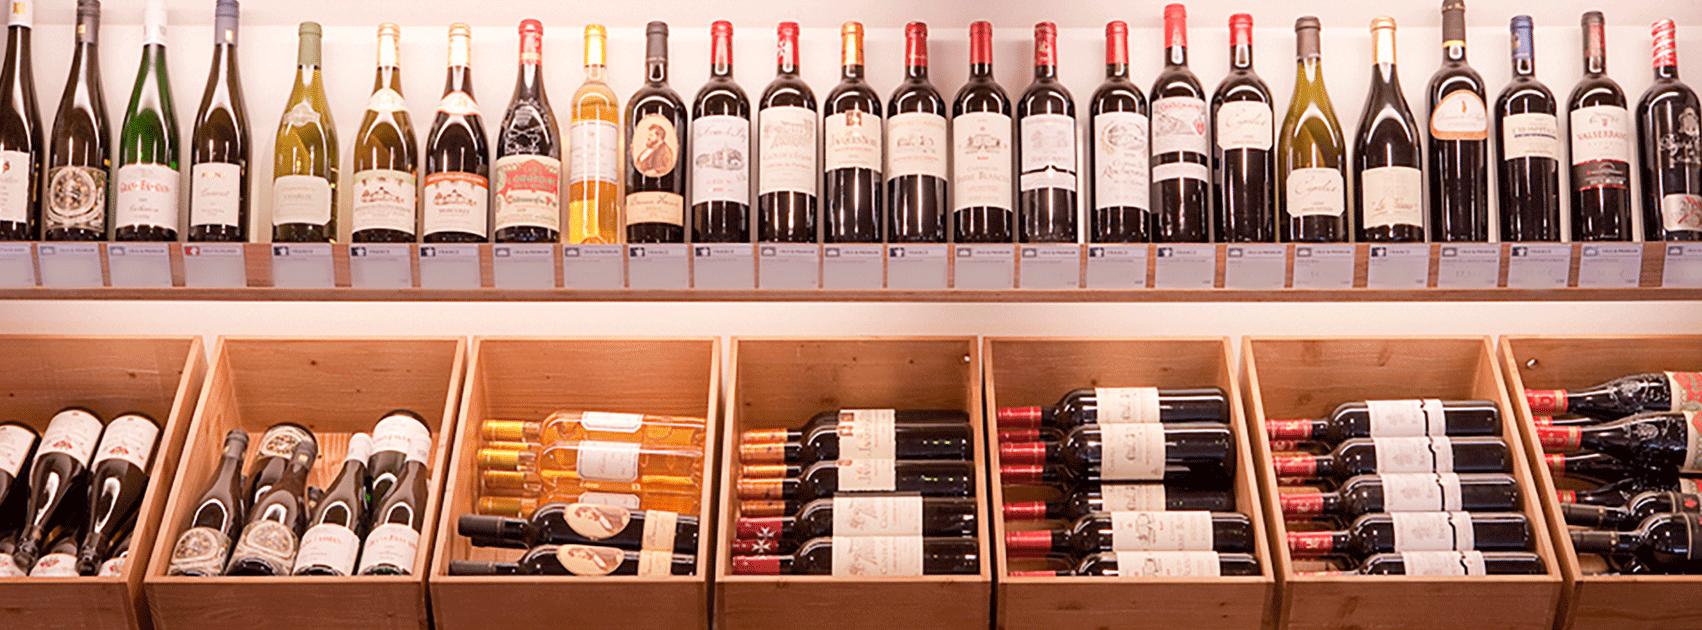 Bild der Jacques' Wein-Depot